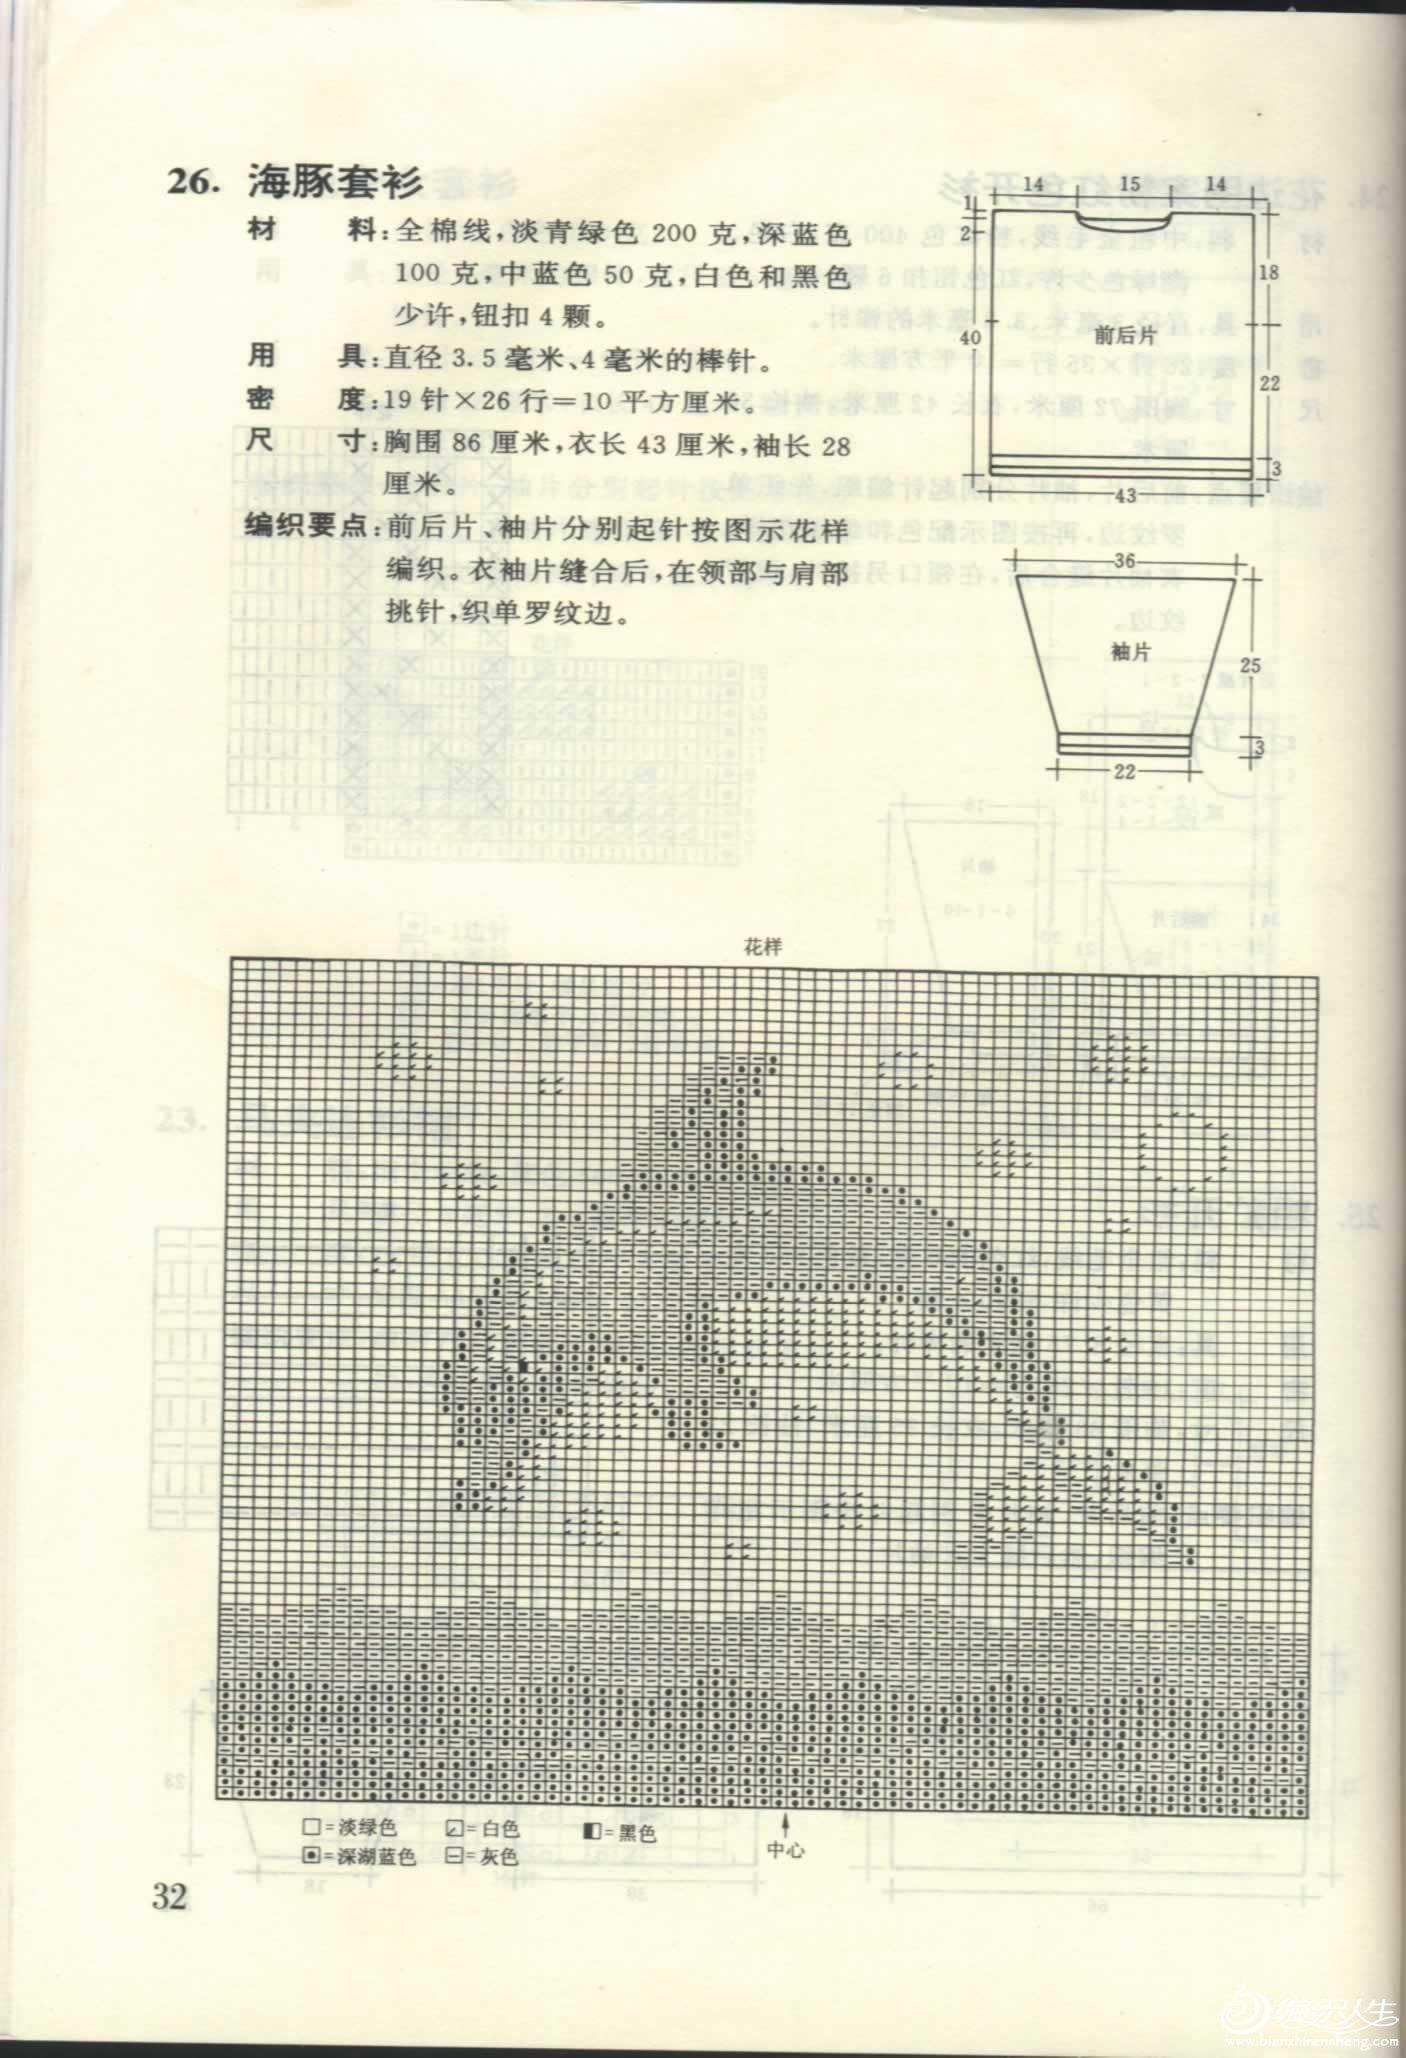 33_19110.jpg